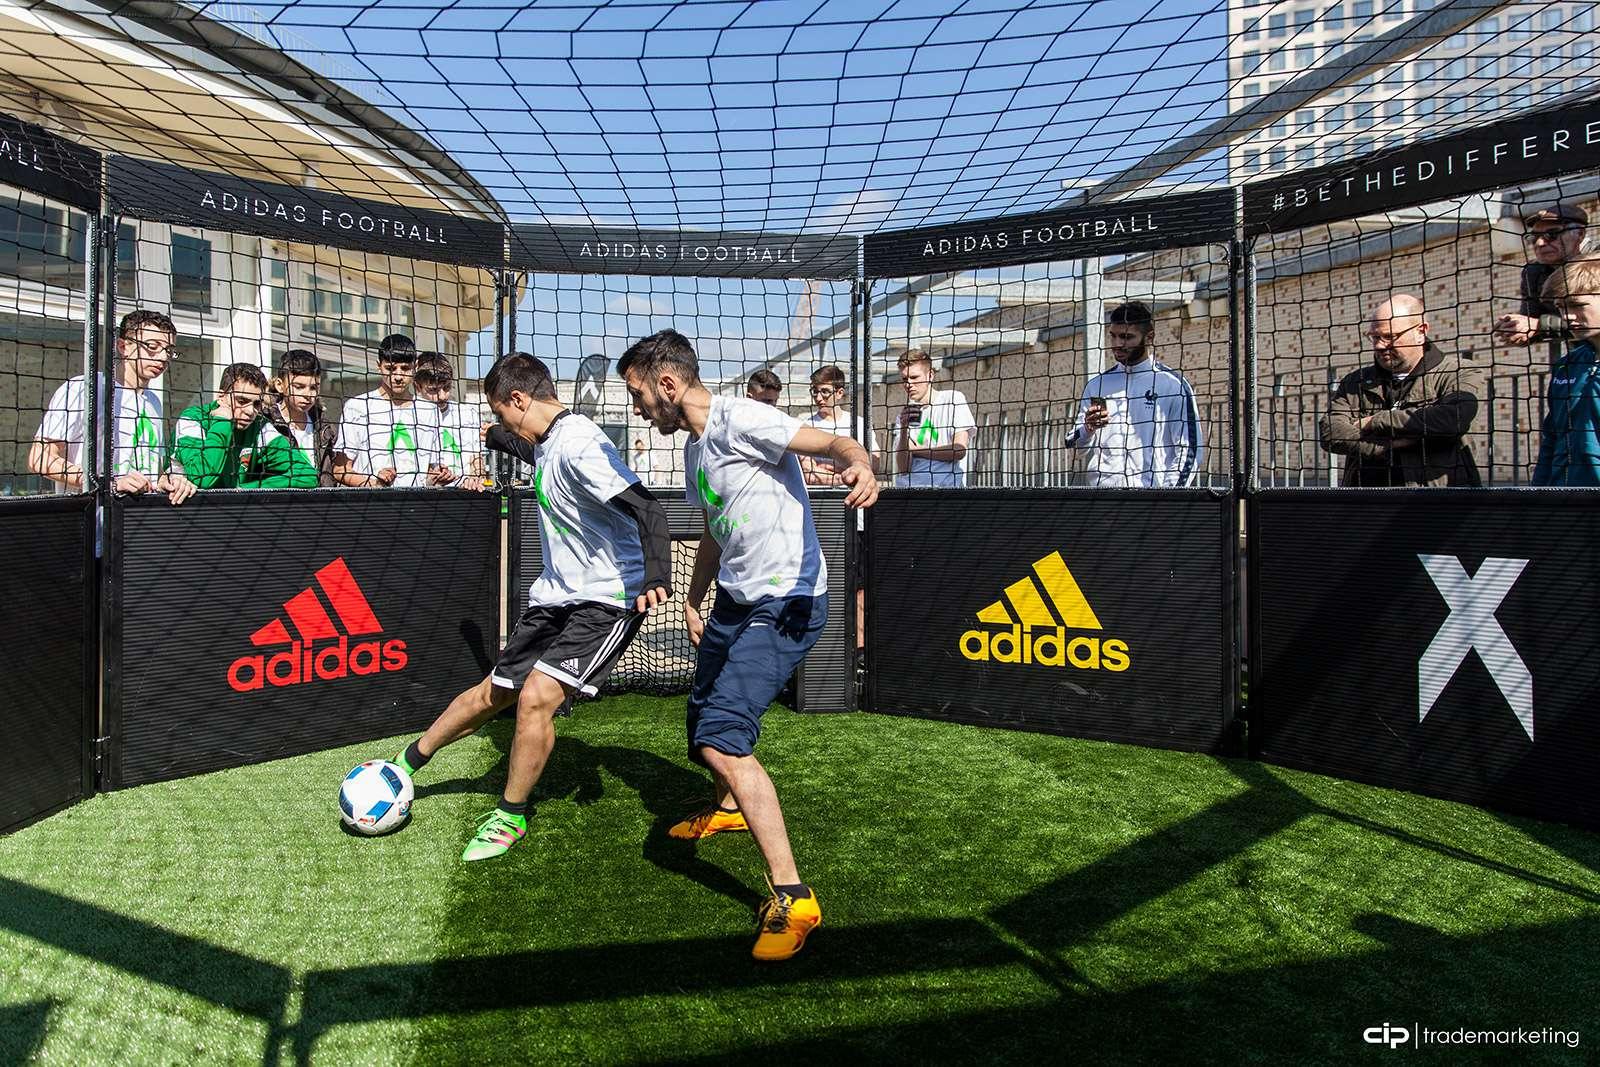 Soccer Cages do fabricante dos campos em miniatura originais da DFB